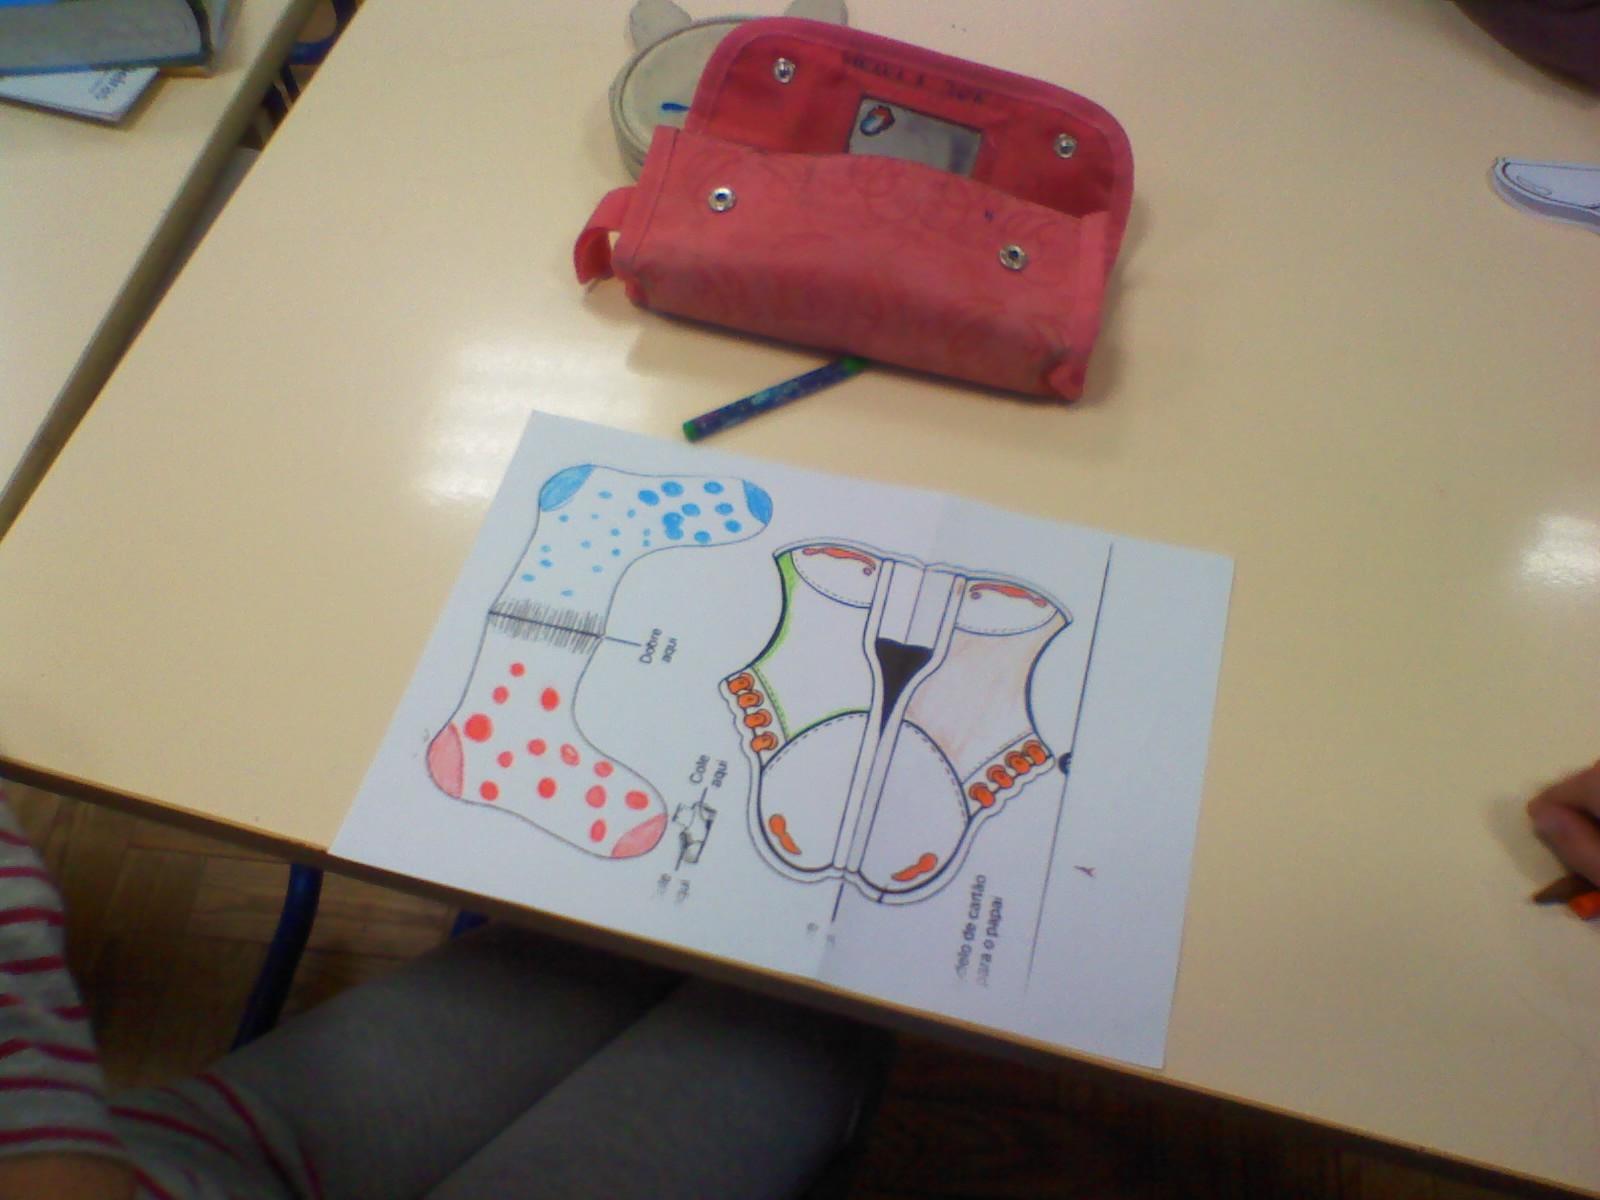 Durante a semana estivemos a elaborar cartµes para o Dia do Pai nas aulas de EMRC Este cart£o sapato tem agradado muito os alunos que se tªm divertido a